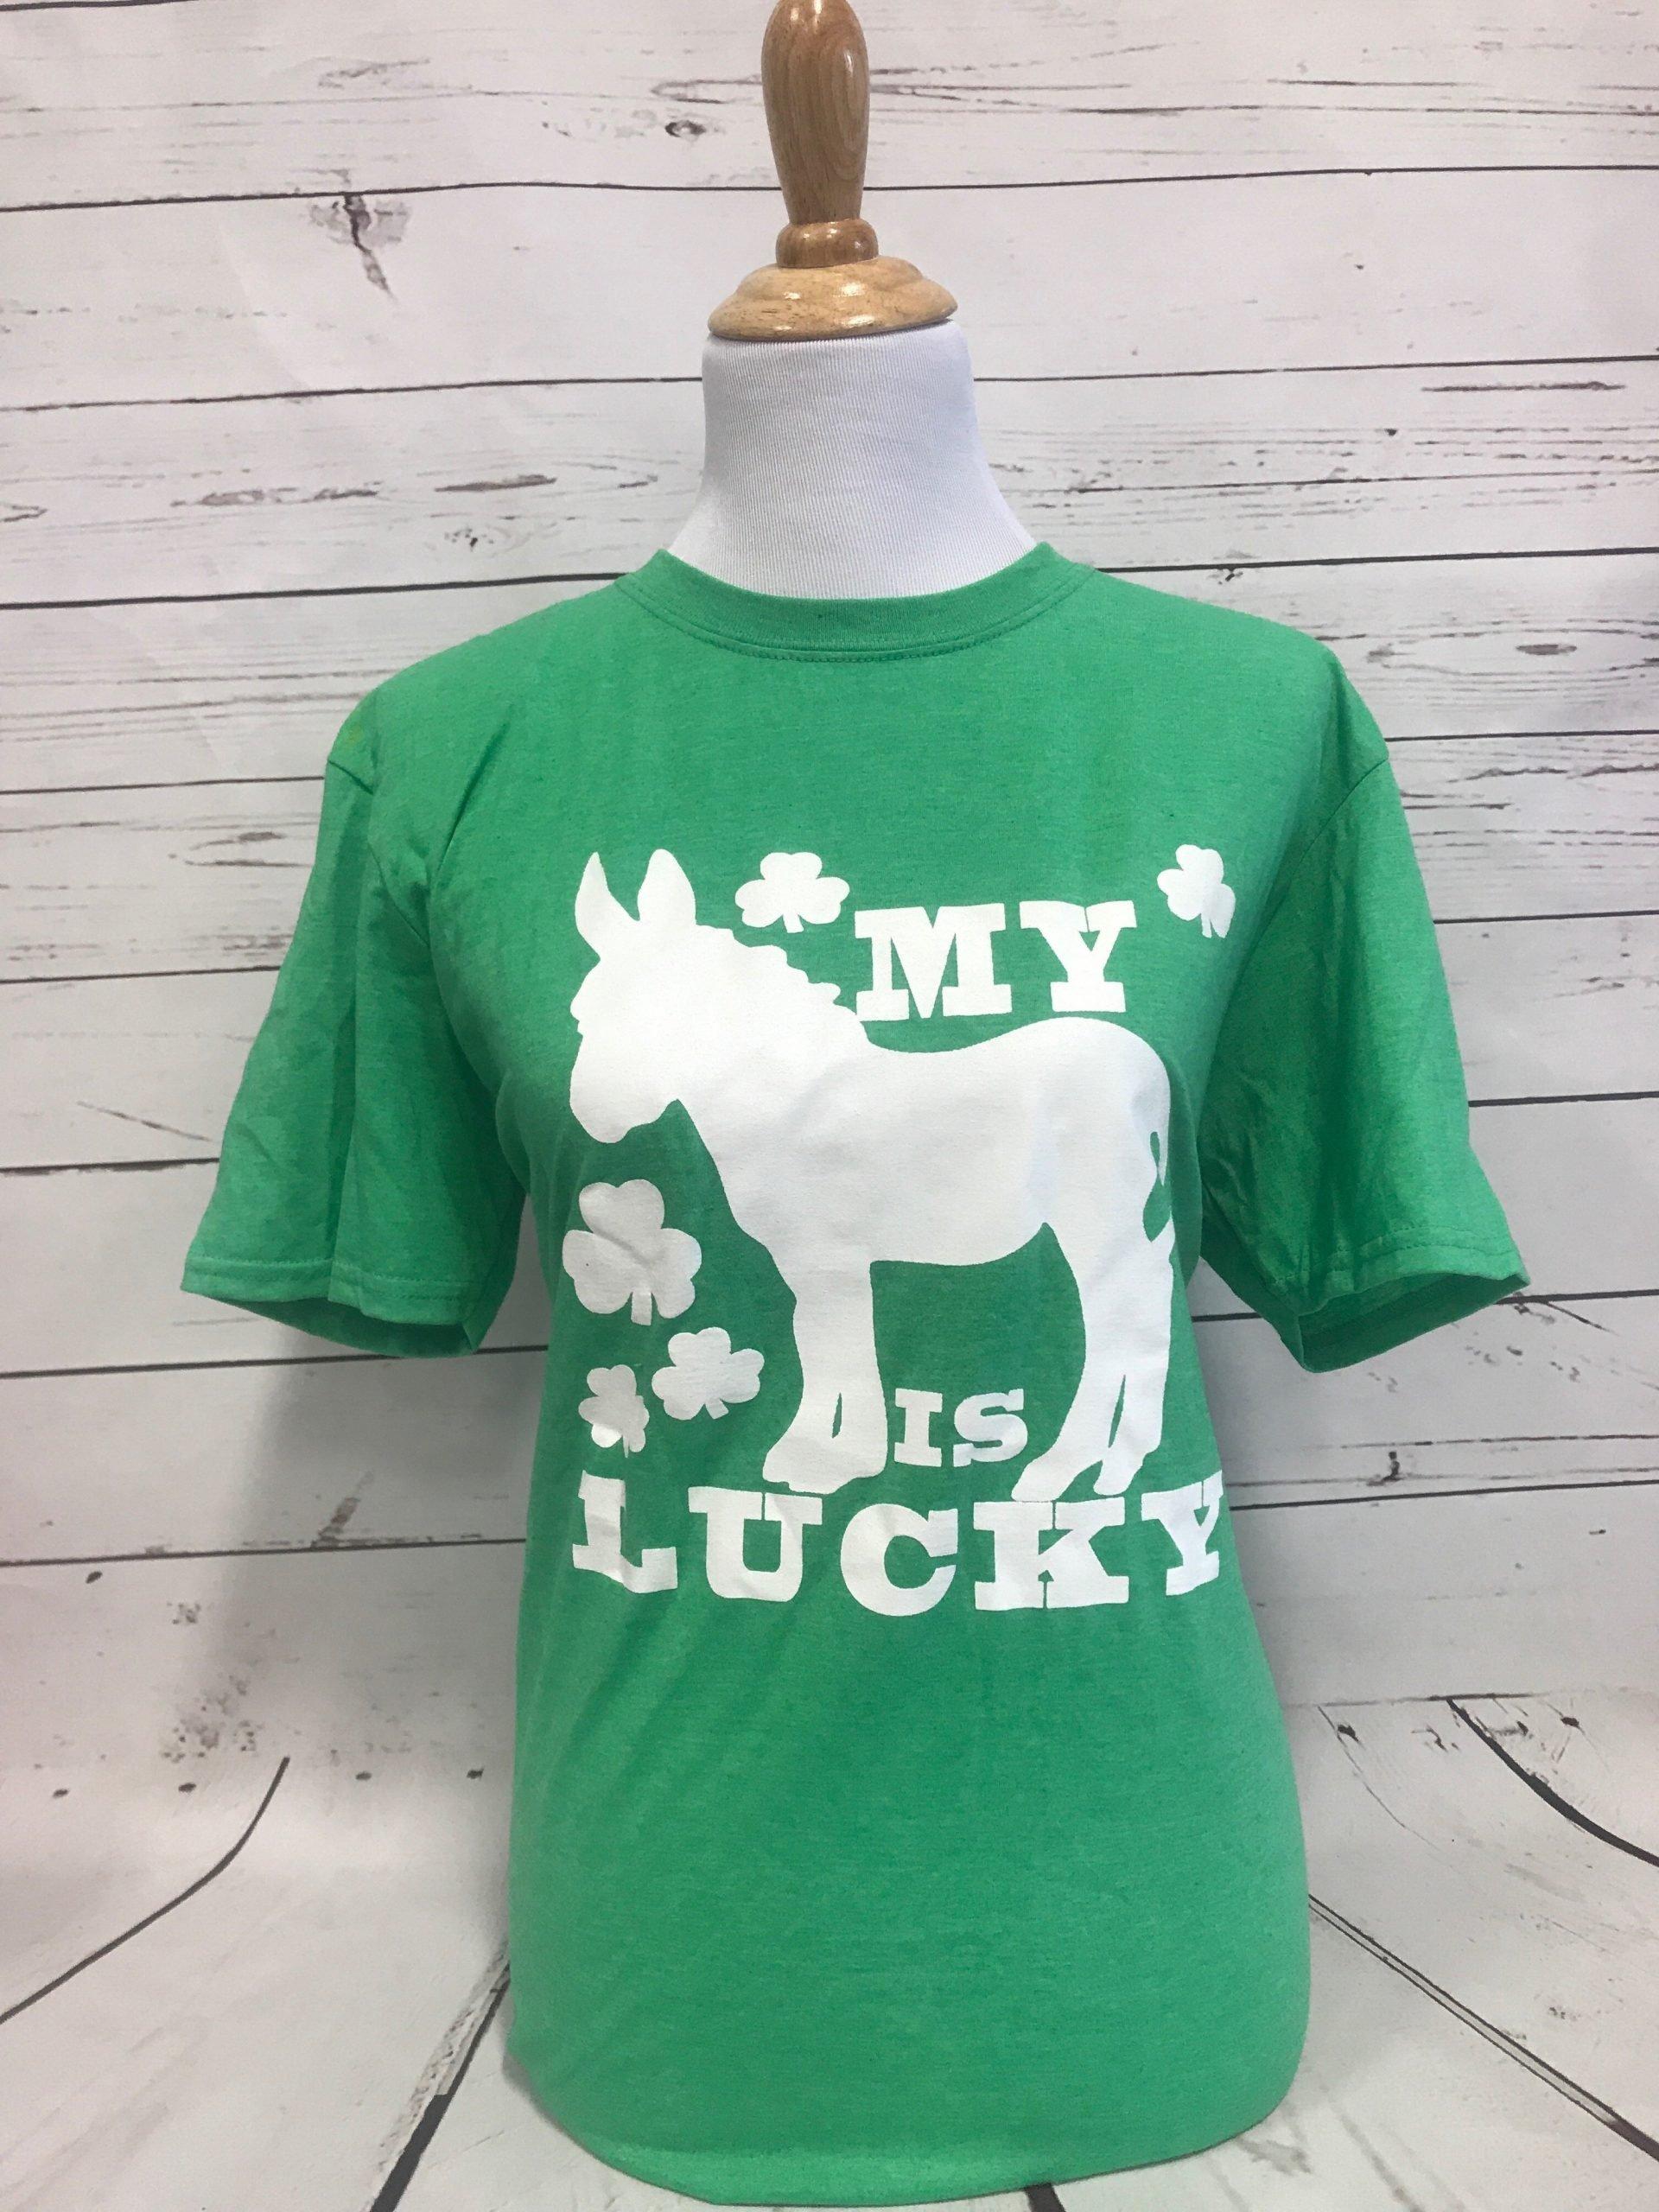 My Ass is Lucky Green Unisex Tee